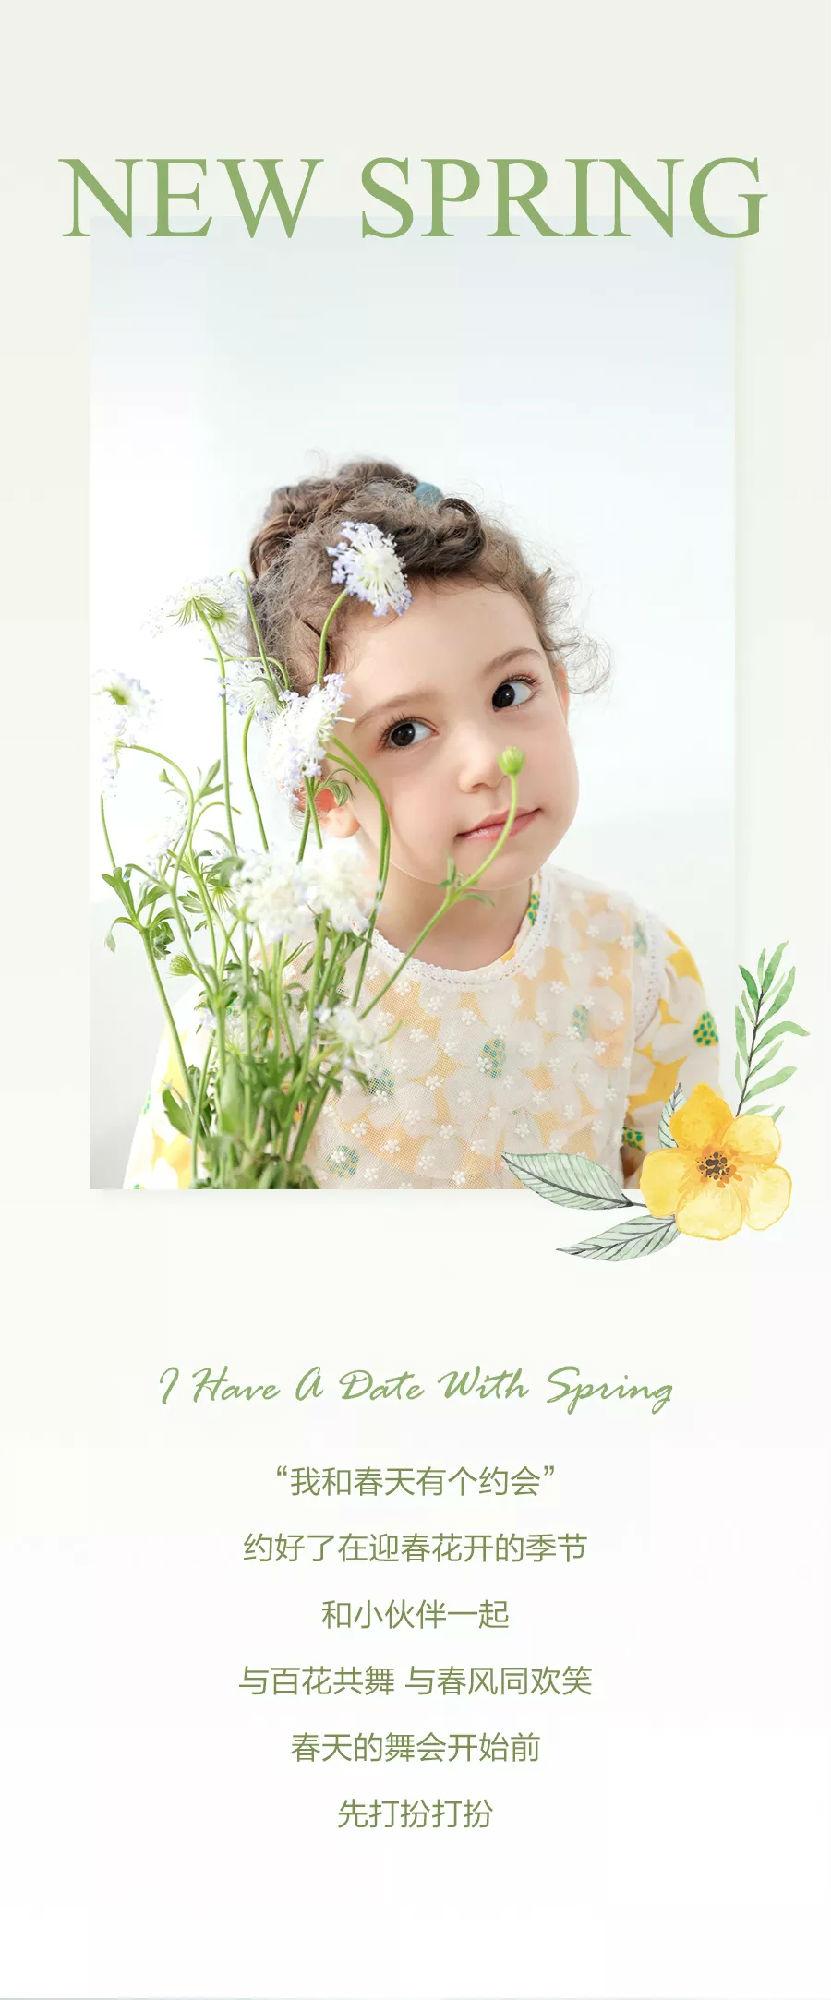 我和春天去约会 | 上新了可拉·比特